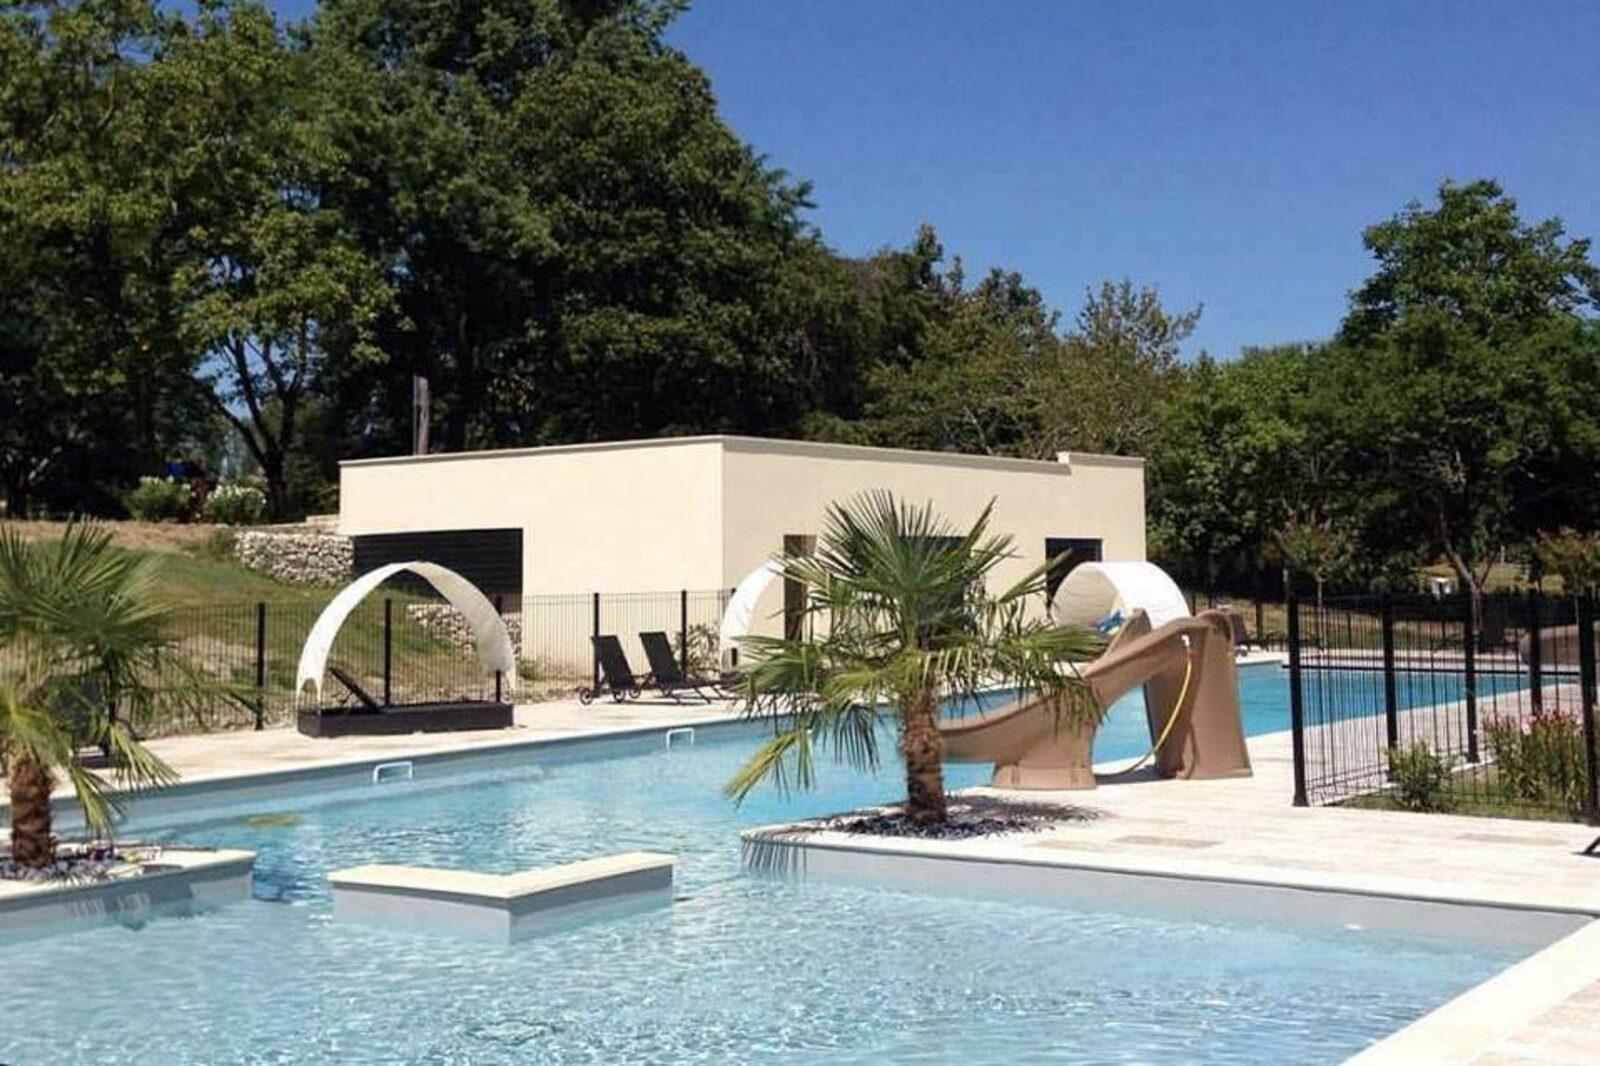 La Palanque - gîte Willow vakantieparadijs voor iedereen